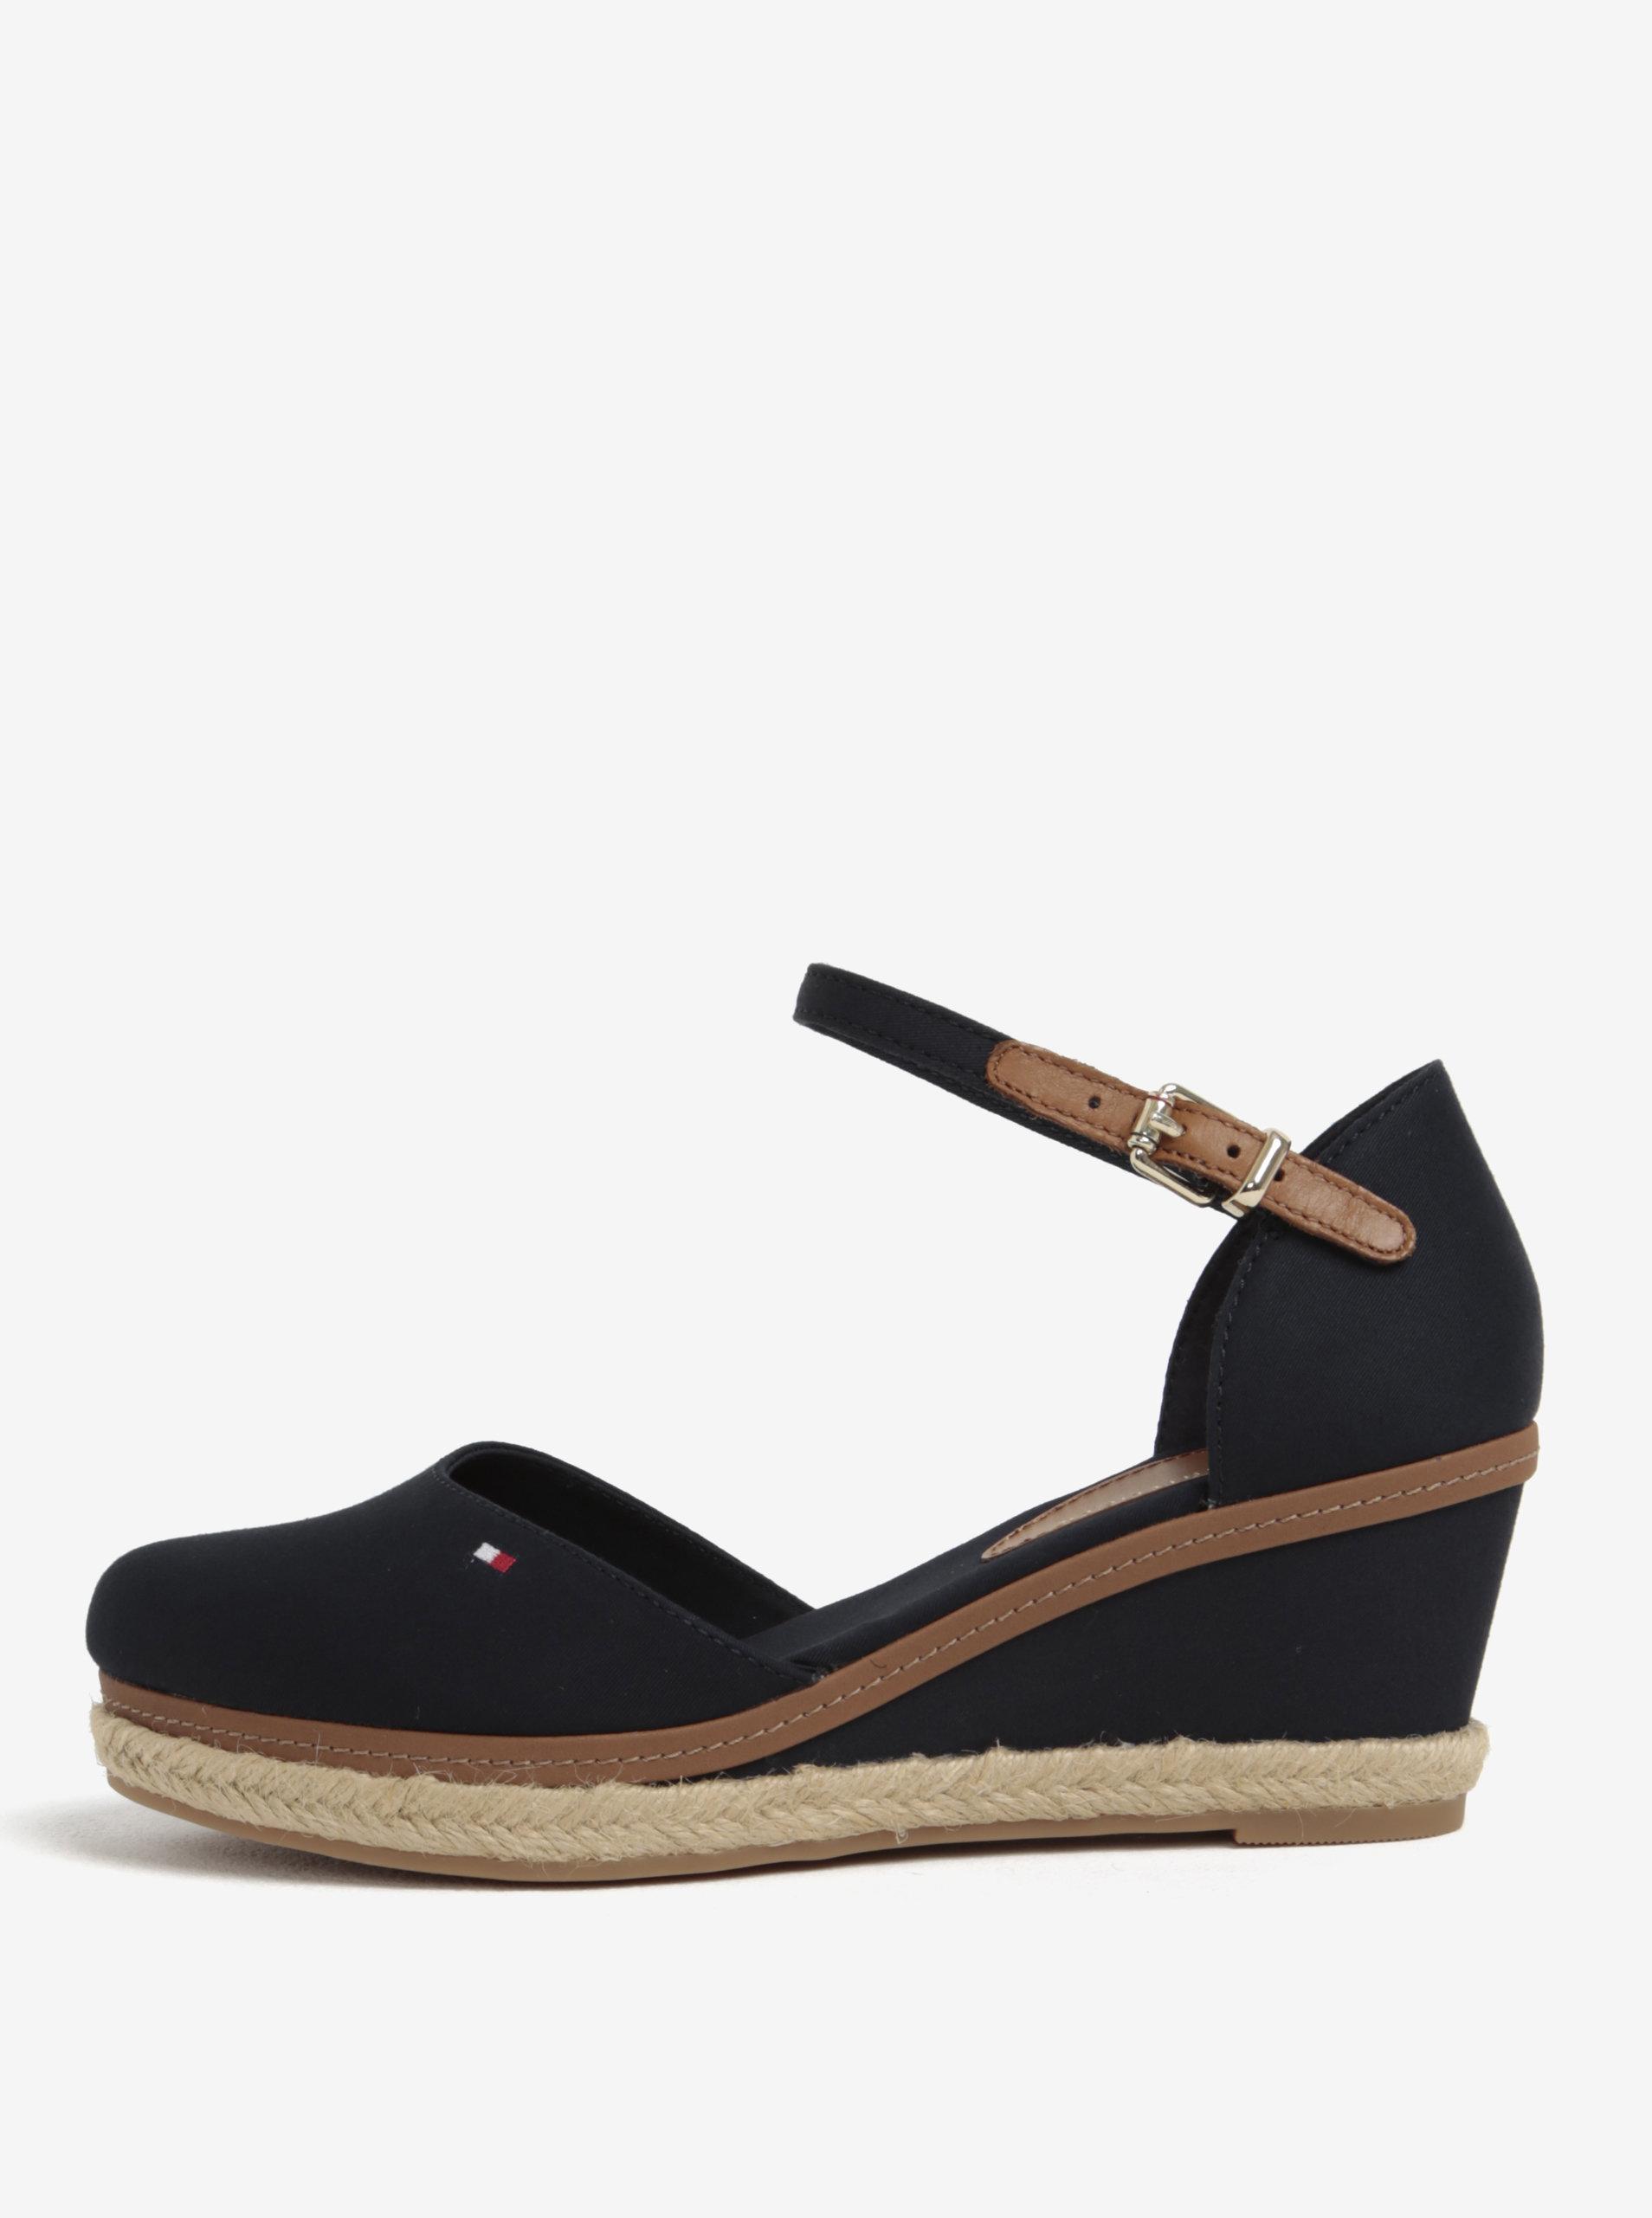 9f92f5e1061d Tmavomodré sandále na plnom podpätku Tommy Hilfiger ...